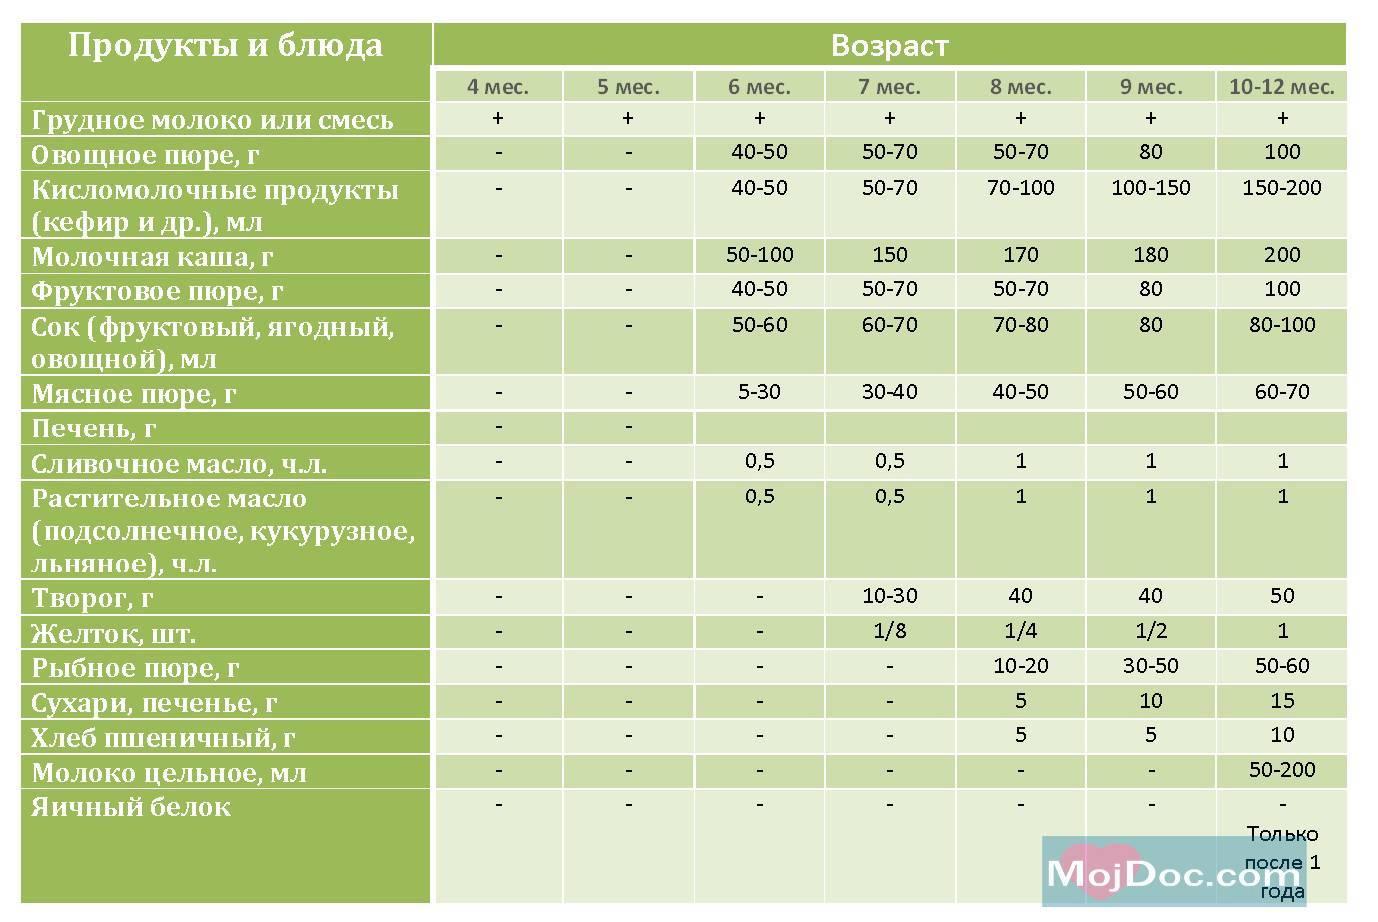 Схемы введения прикорма при грудном вскармливании и основные правила